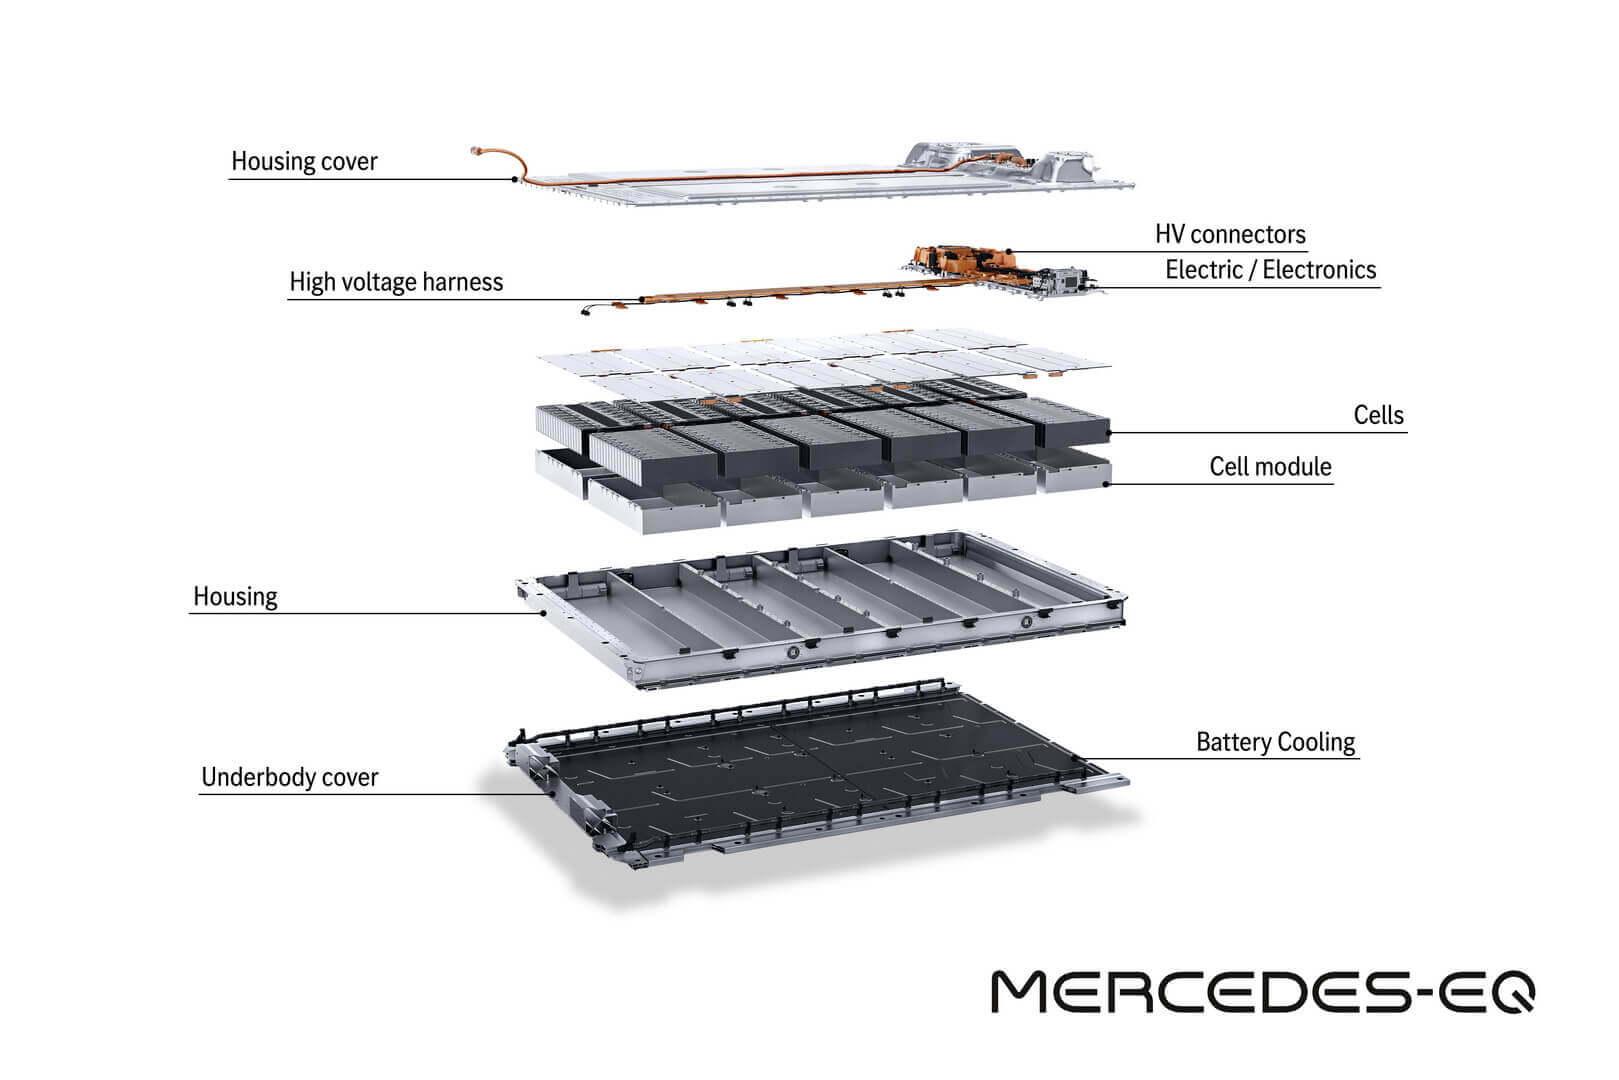 В зависимости от версии в EQS будет использоваться 400-вольтовая архитектура батарей на 90 кВт⋅ч (10 модулей) и 107,8 кВт⋅ч (12 модулей)